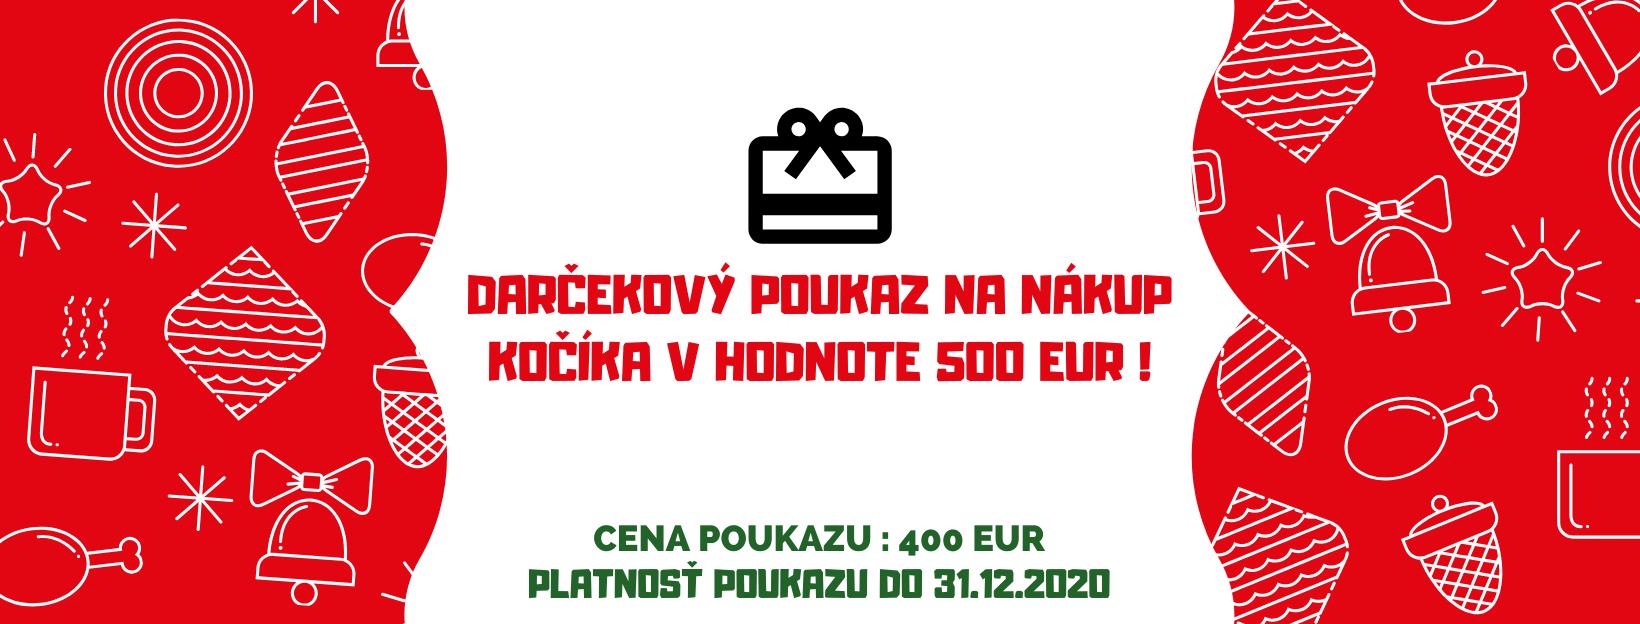 Darčekový poukaz v hodnote 500 eur cena 400 eur !